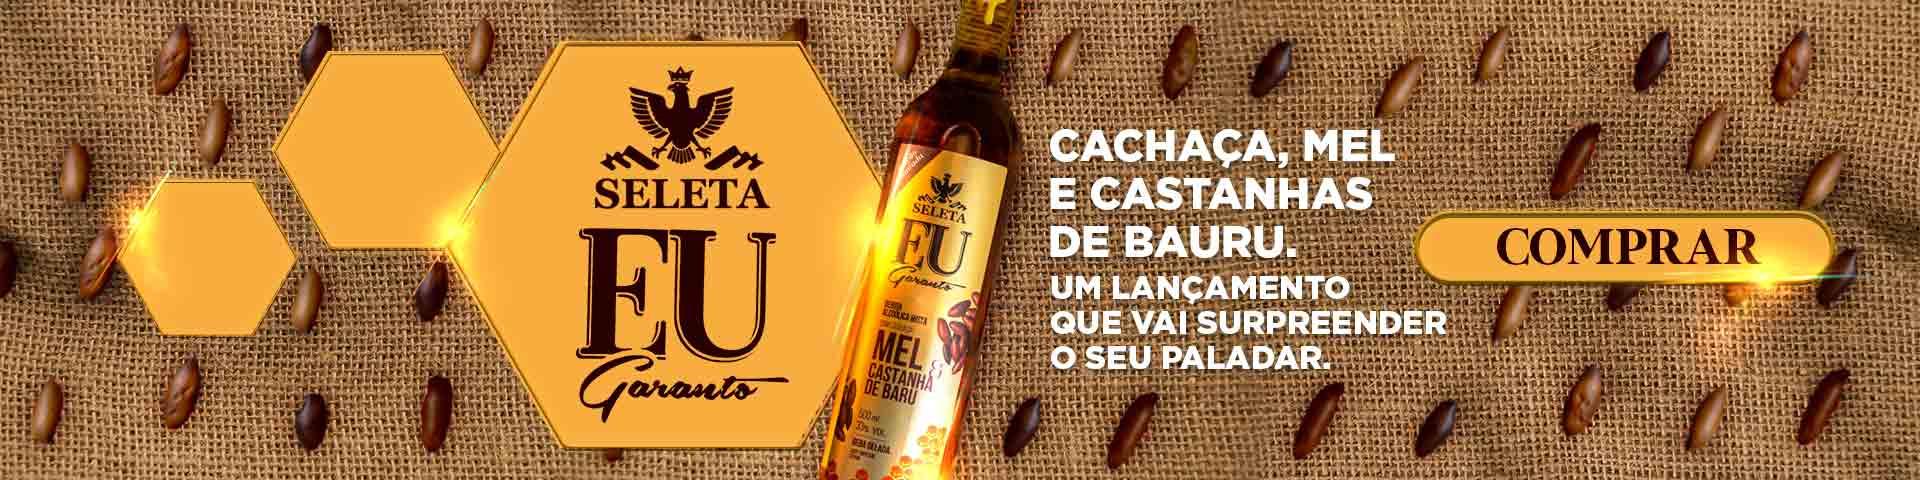 Banner Selete Eu Garanto